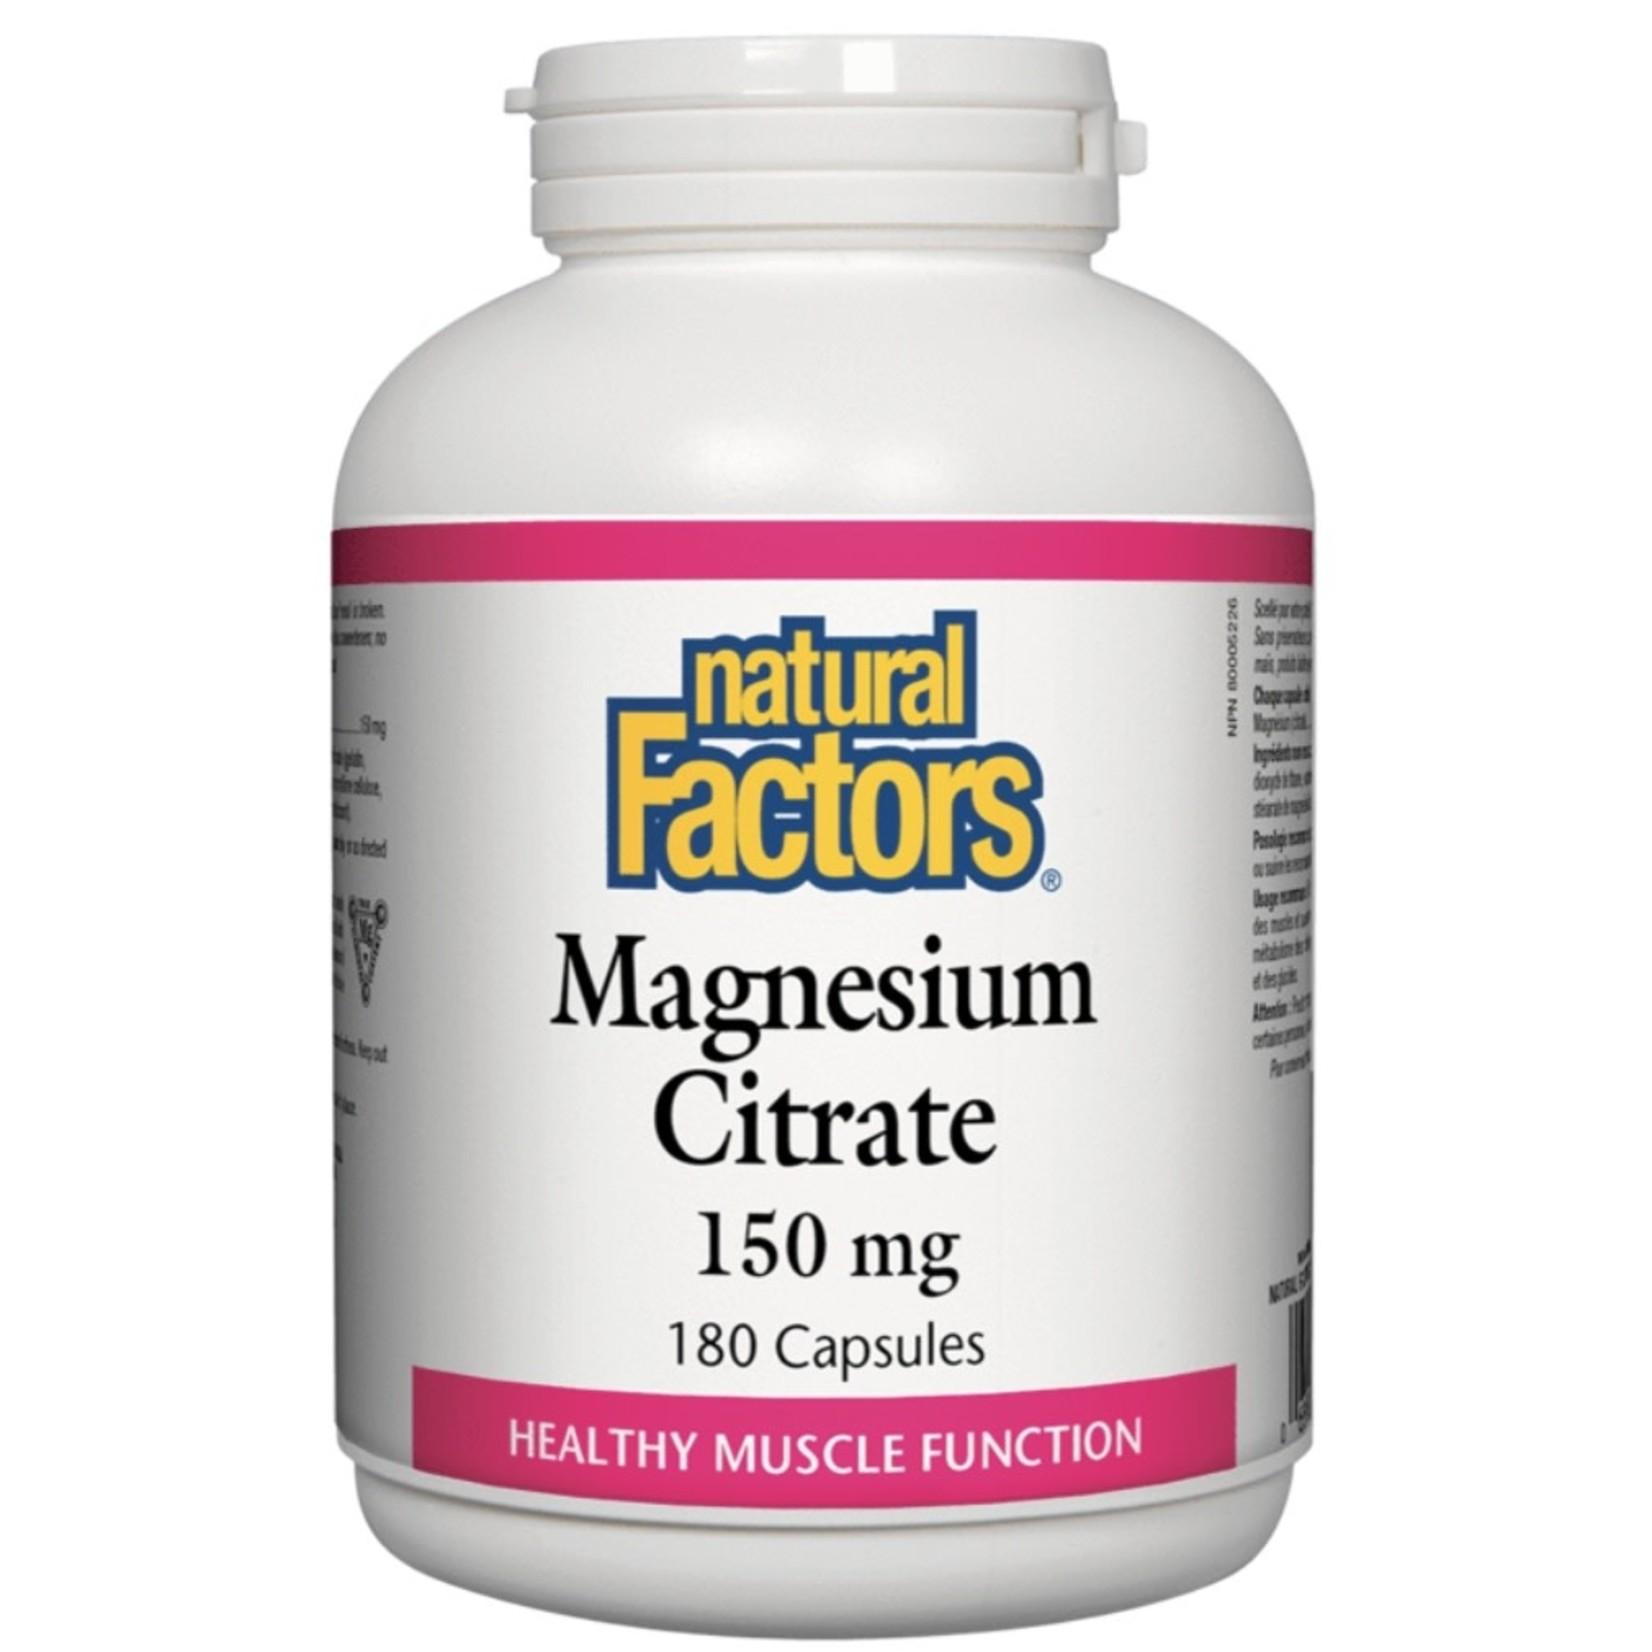 Natural Factors Natural Factors Magnesium Citrate 150mg 180 caps